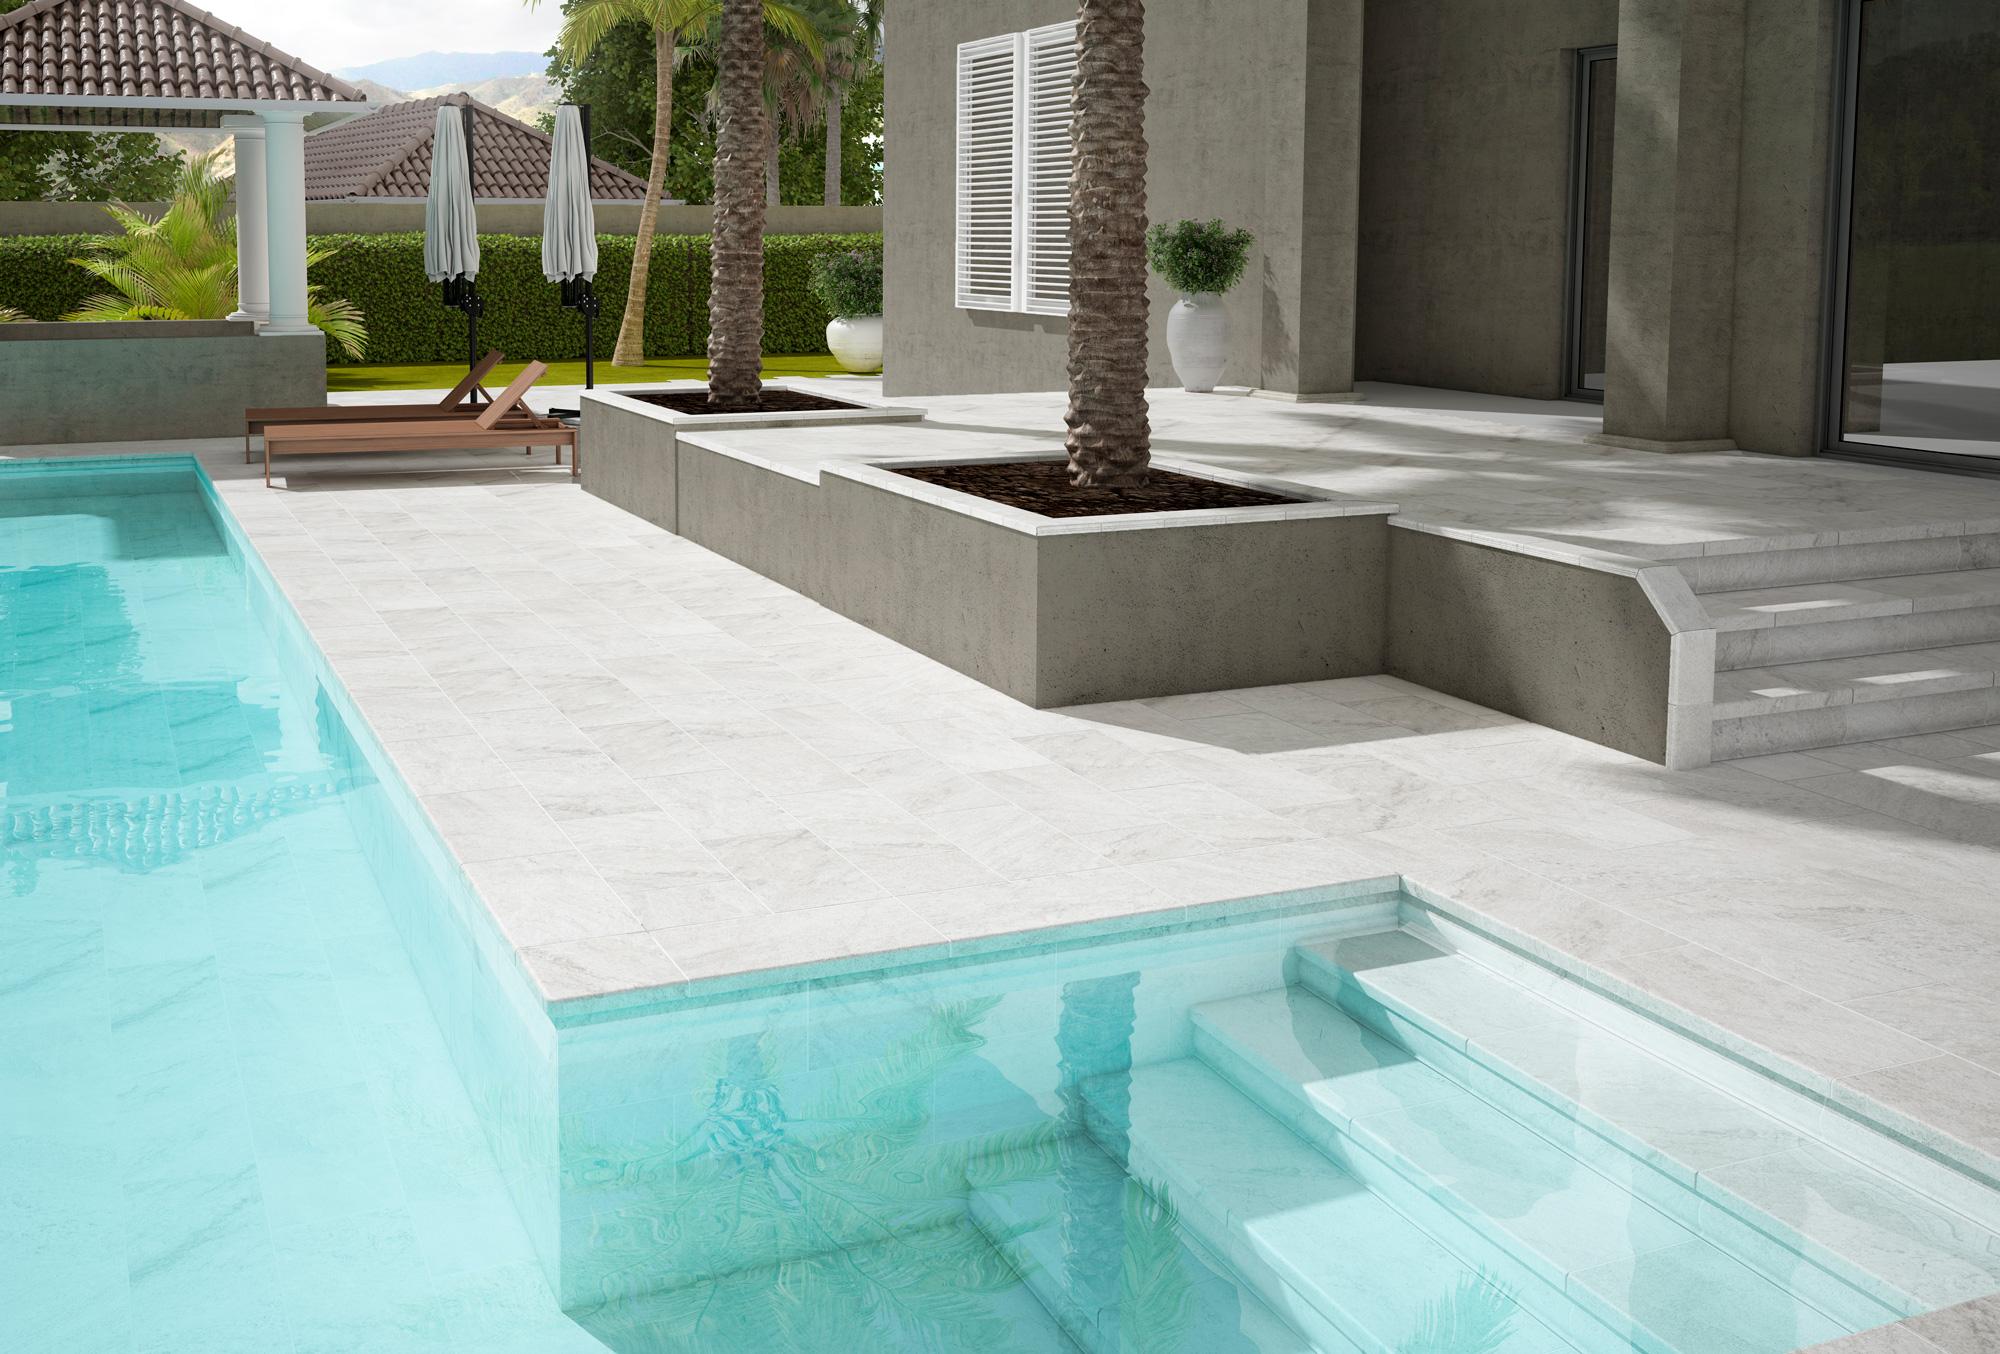 Revestimiento de gres porcelánico para piscina y patio